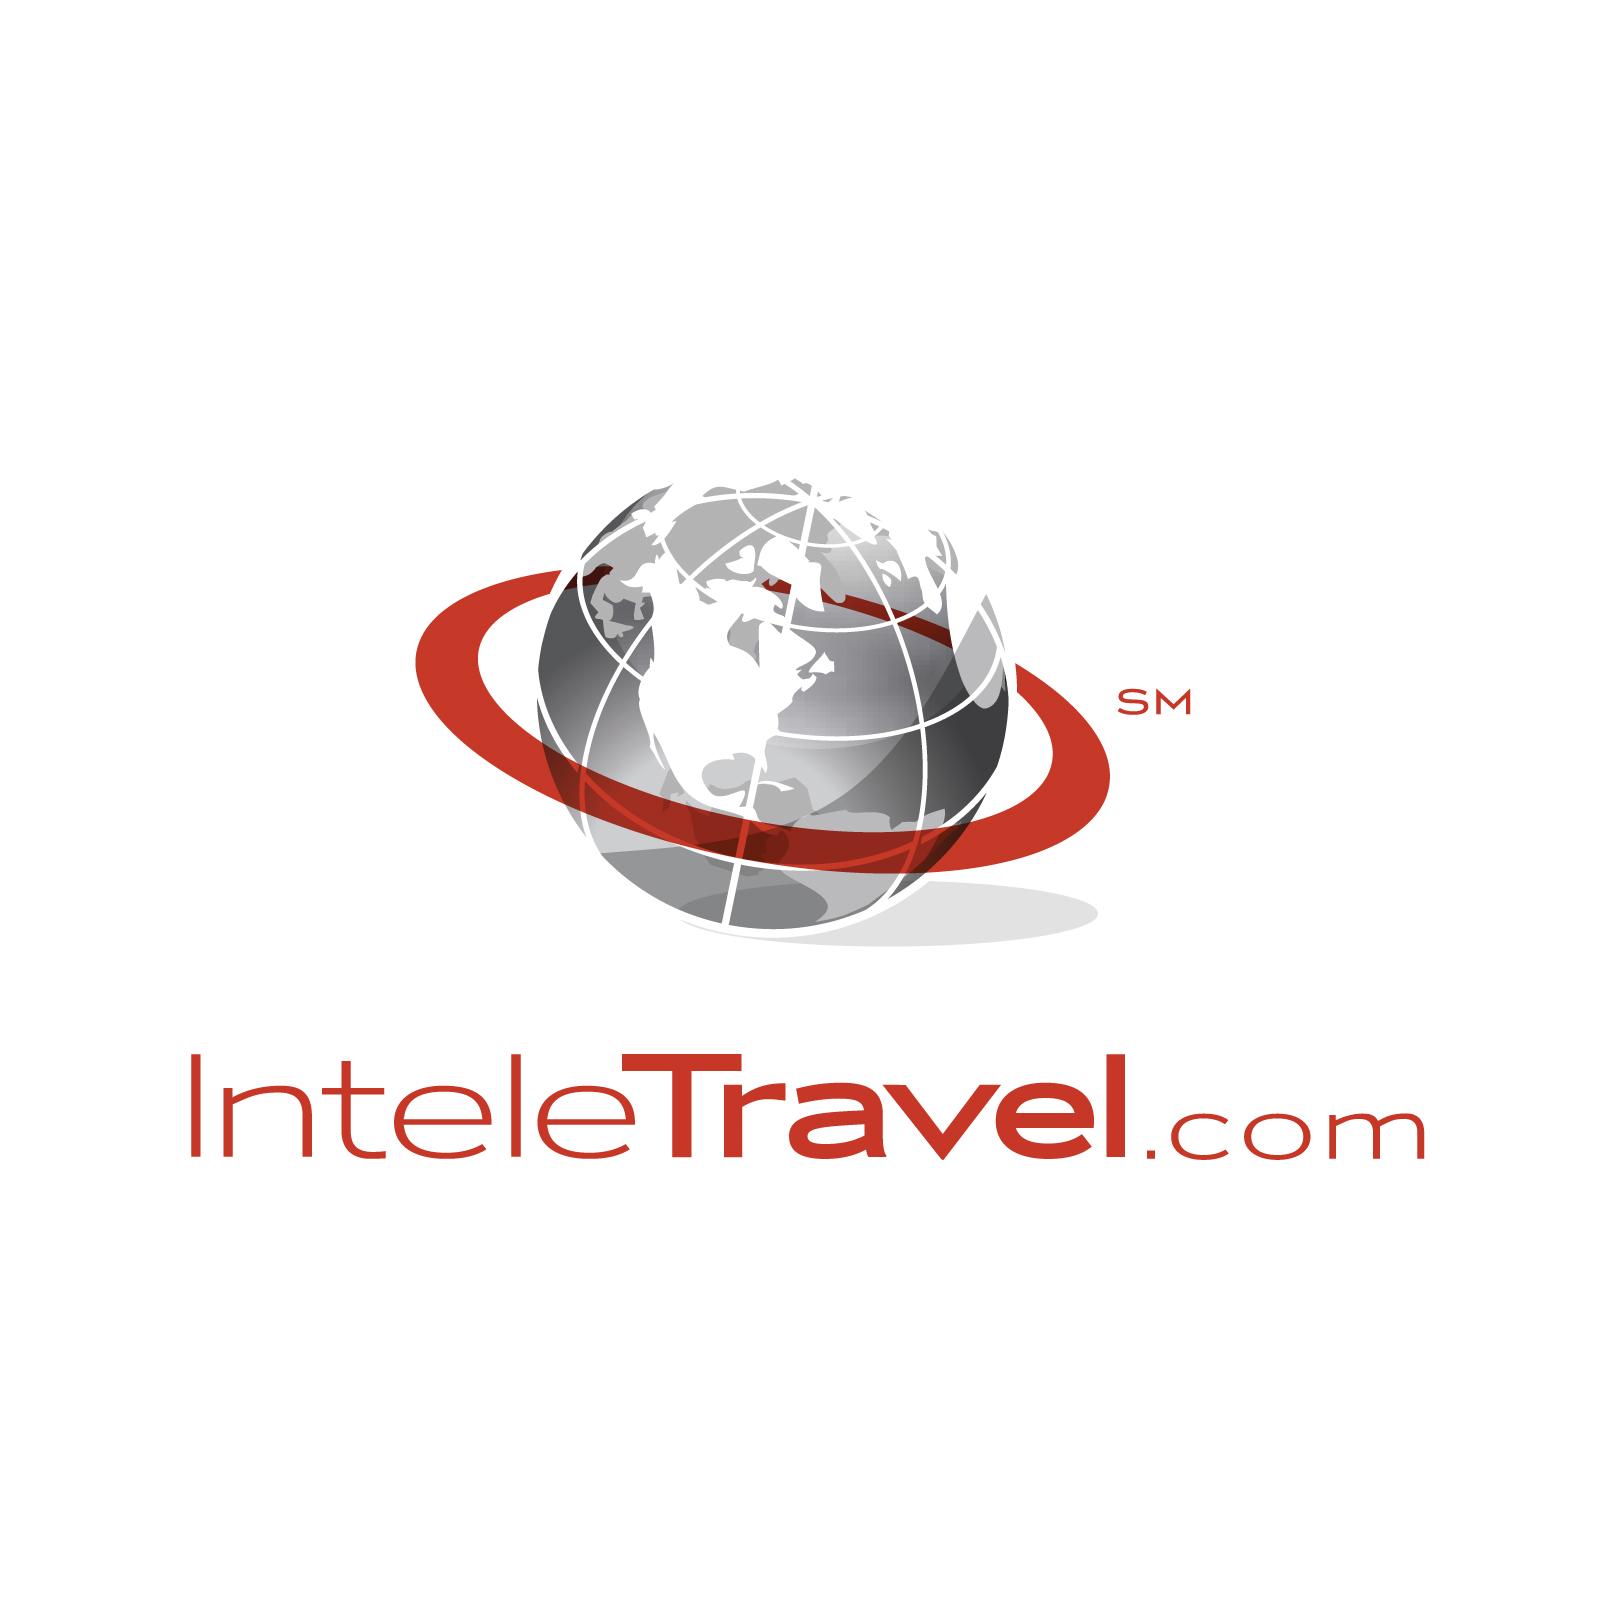 Inteletravel.com - The Original Travel Agency At Home show art